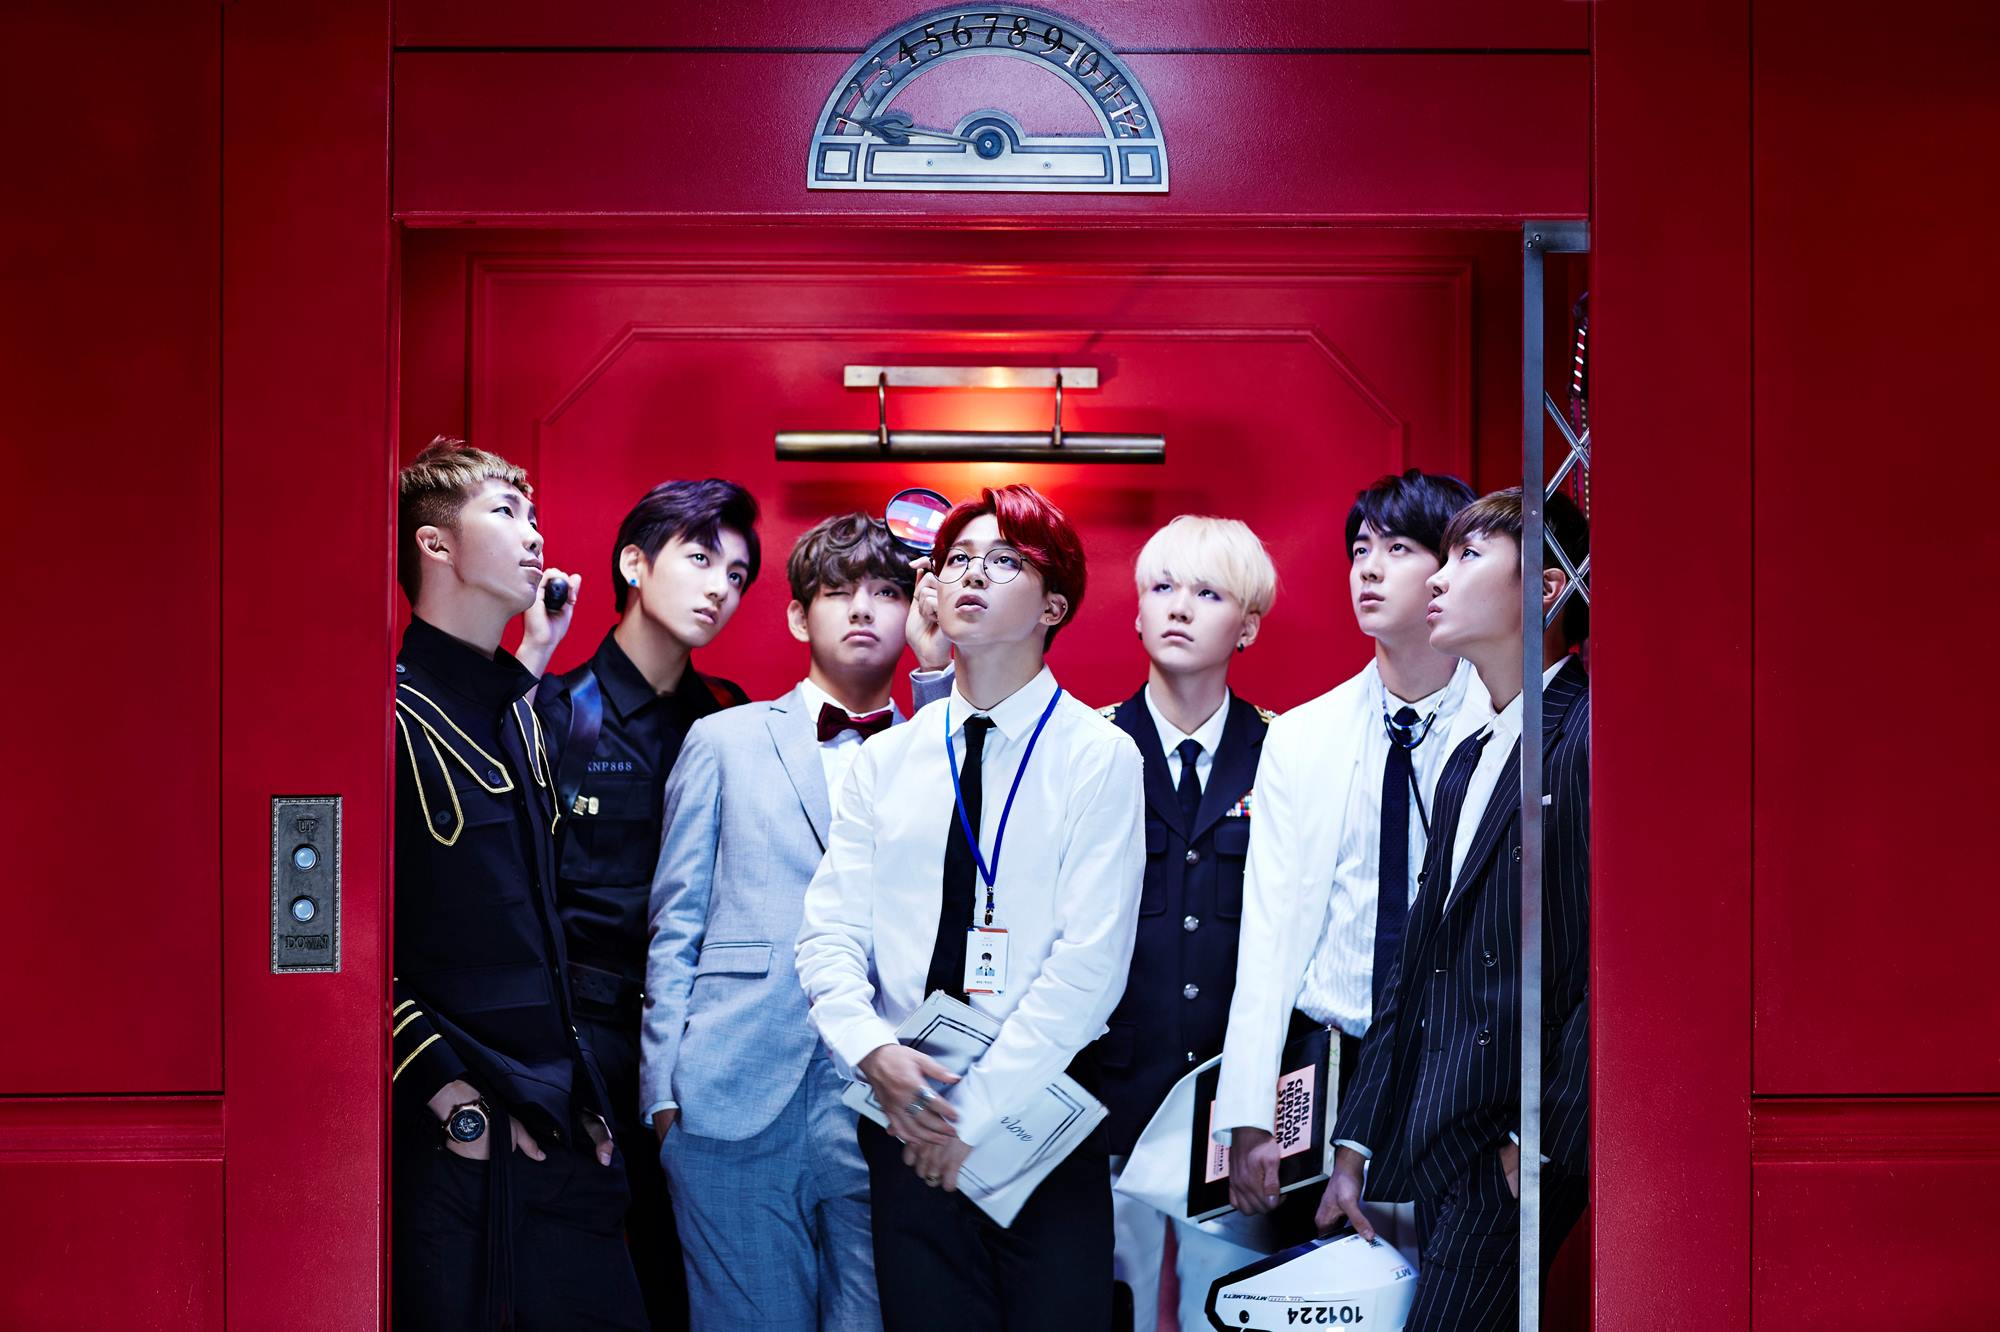 還有被譽為2016崛起的防彈少年團,兩大K-pop強者將進行特別的合作舞台